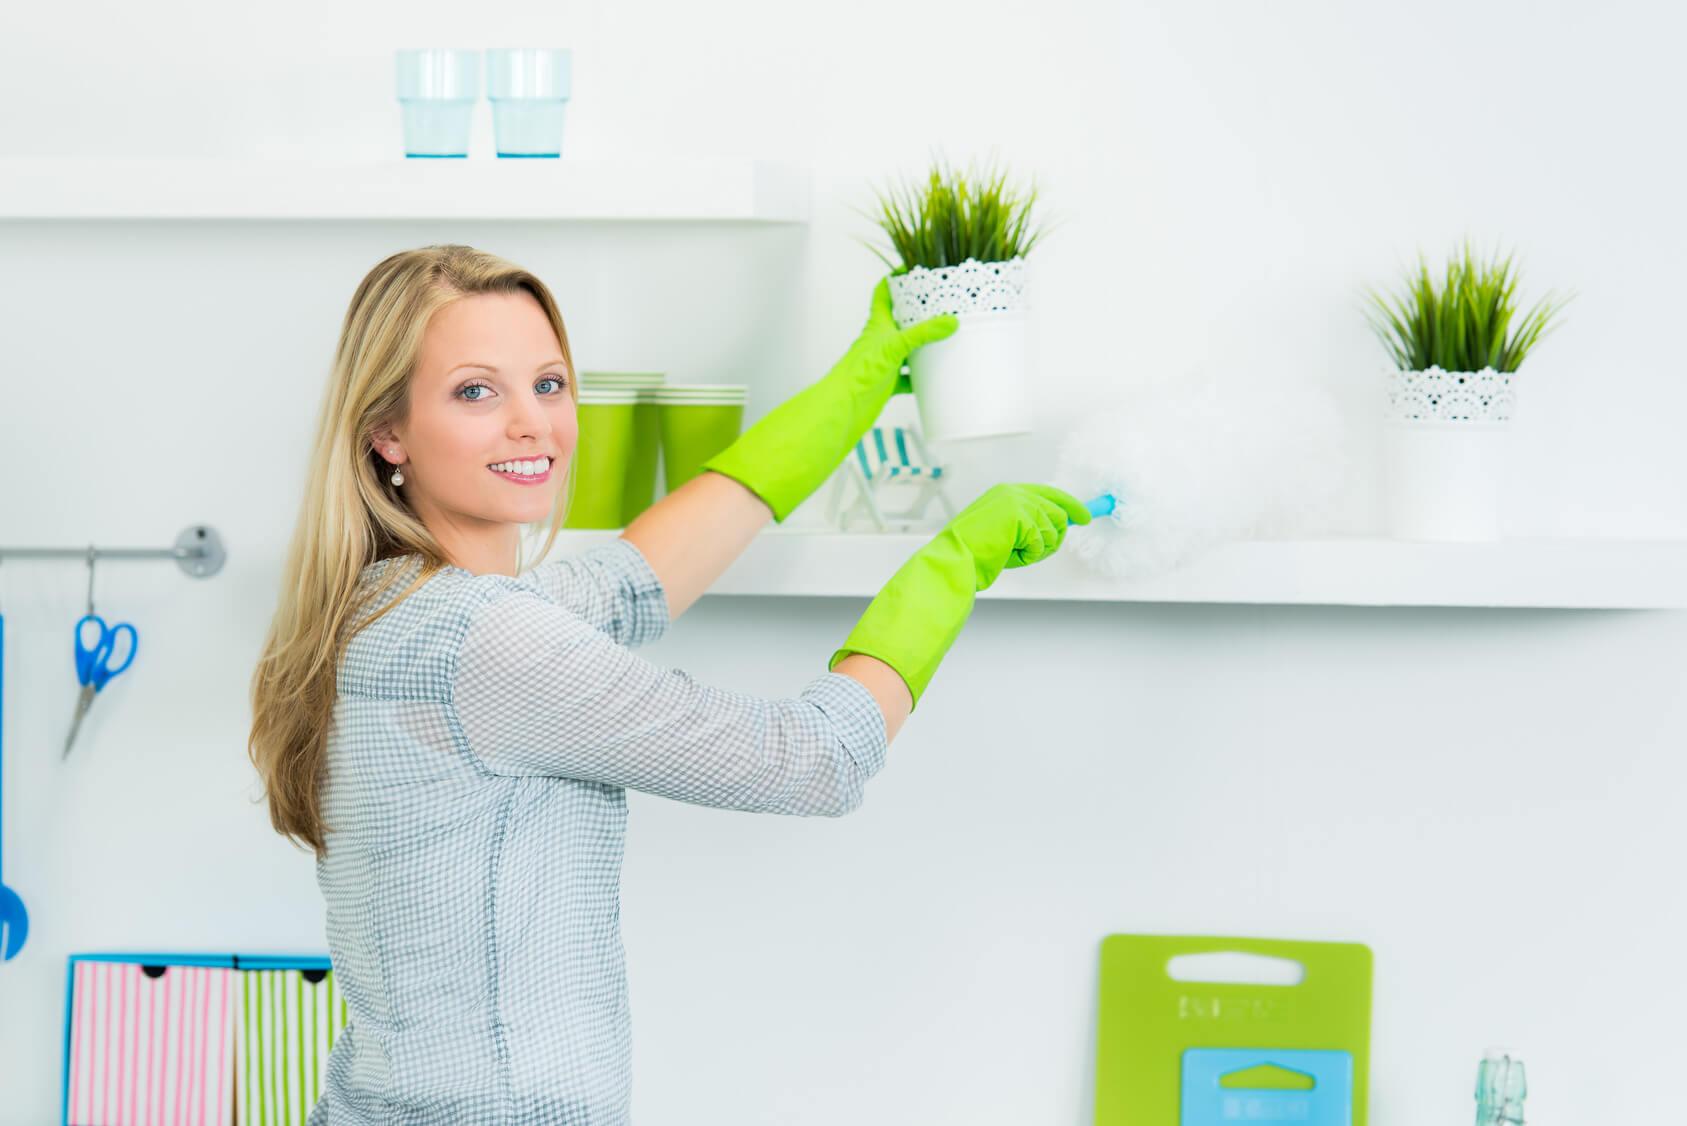 Entretien ménager Montréal,compagnie de ménage Montréal,femme de ménage,compagnie de nettoyage ,femme de ménage Montréal